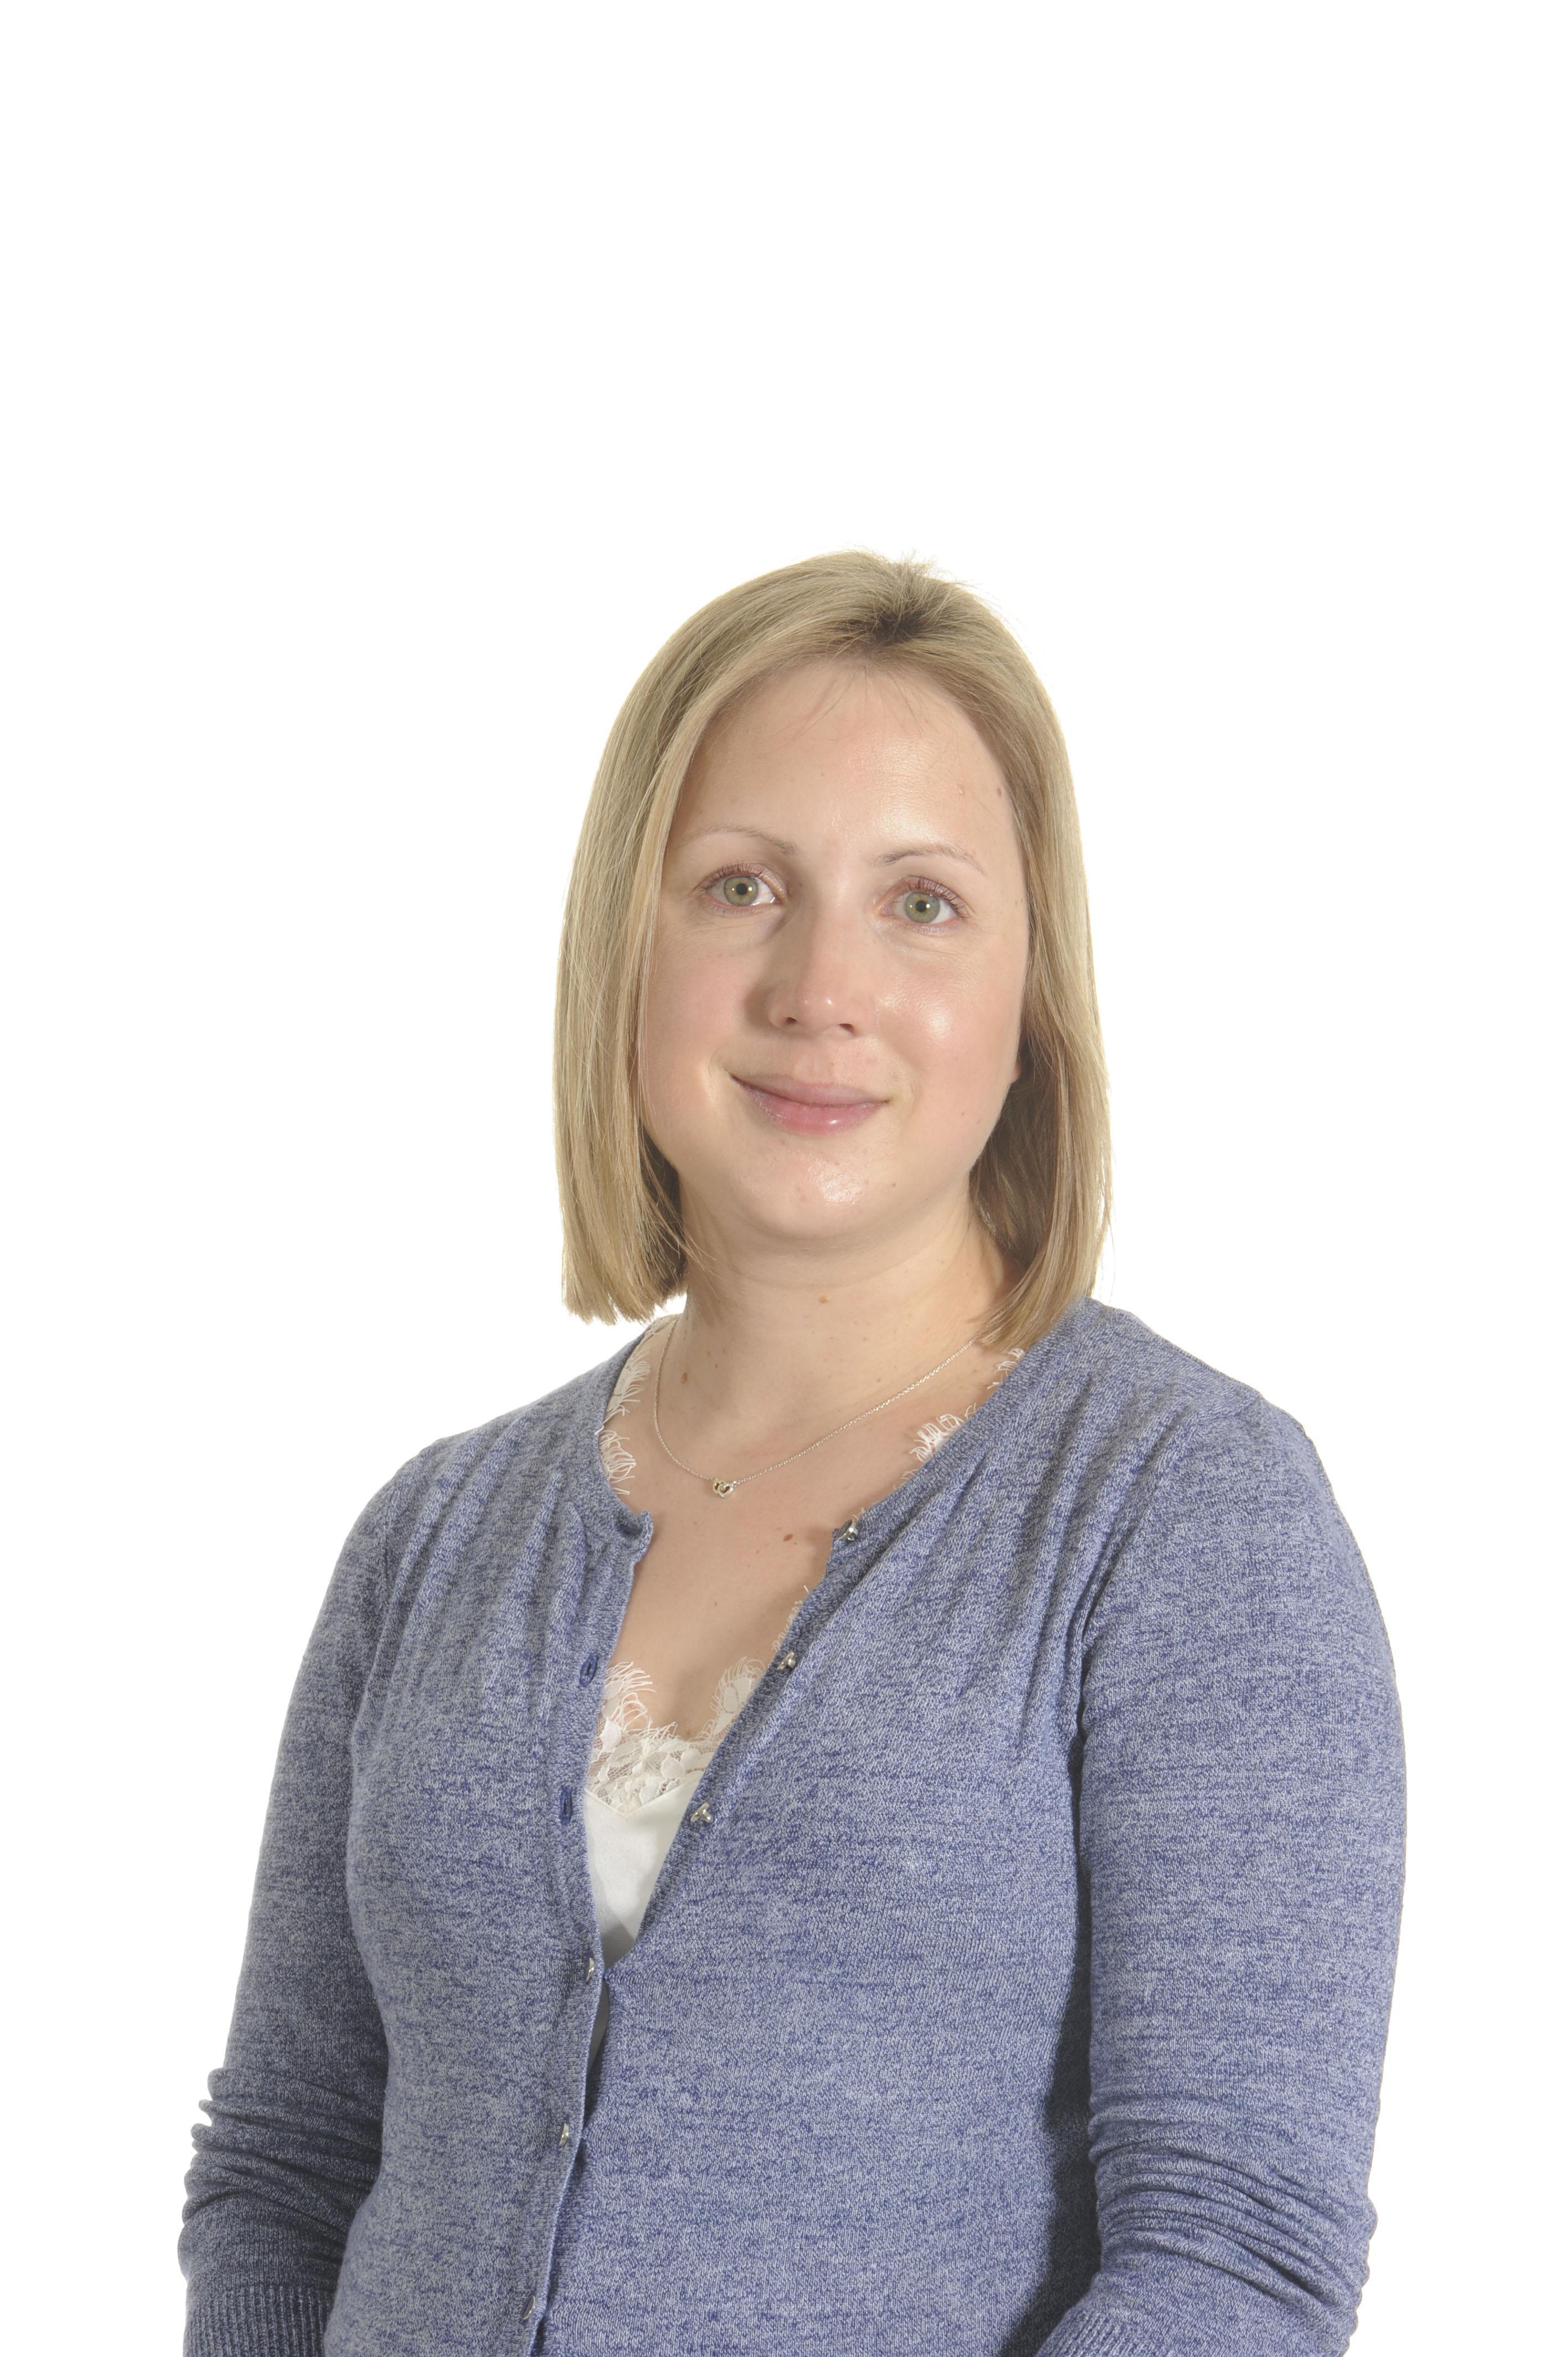 Dr Emily Heiden